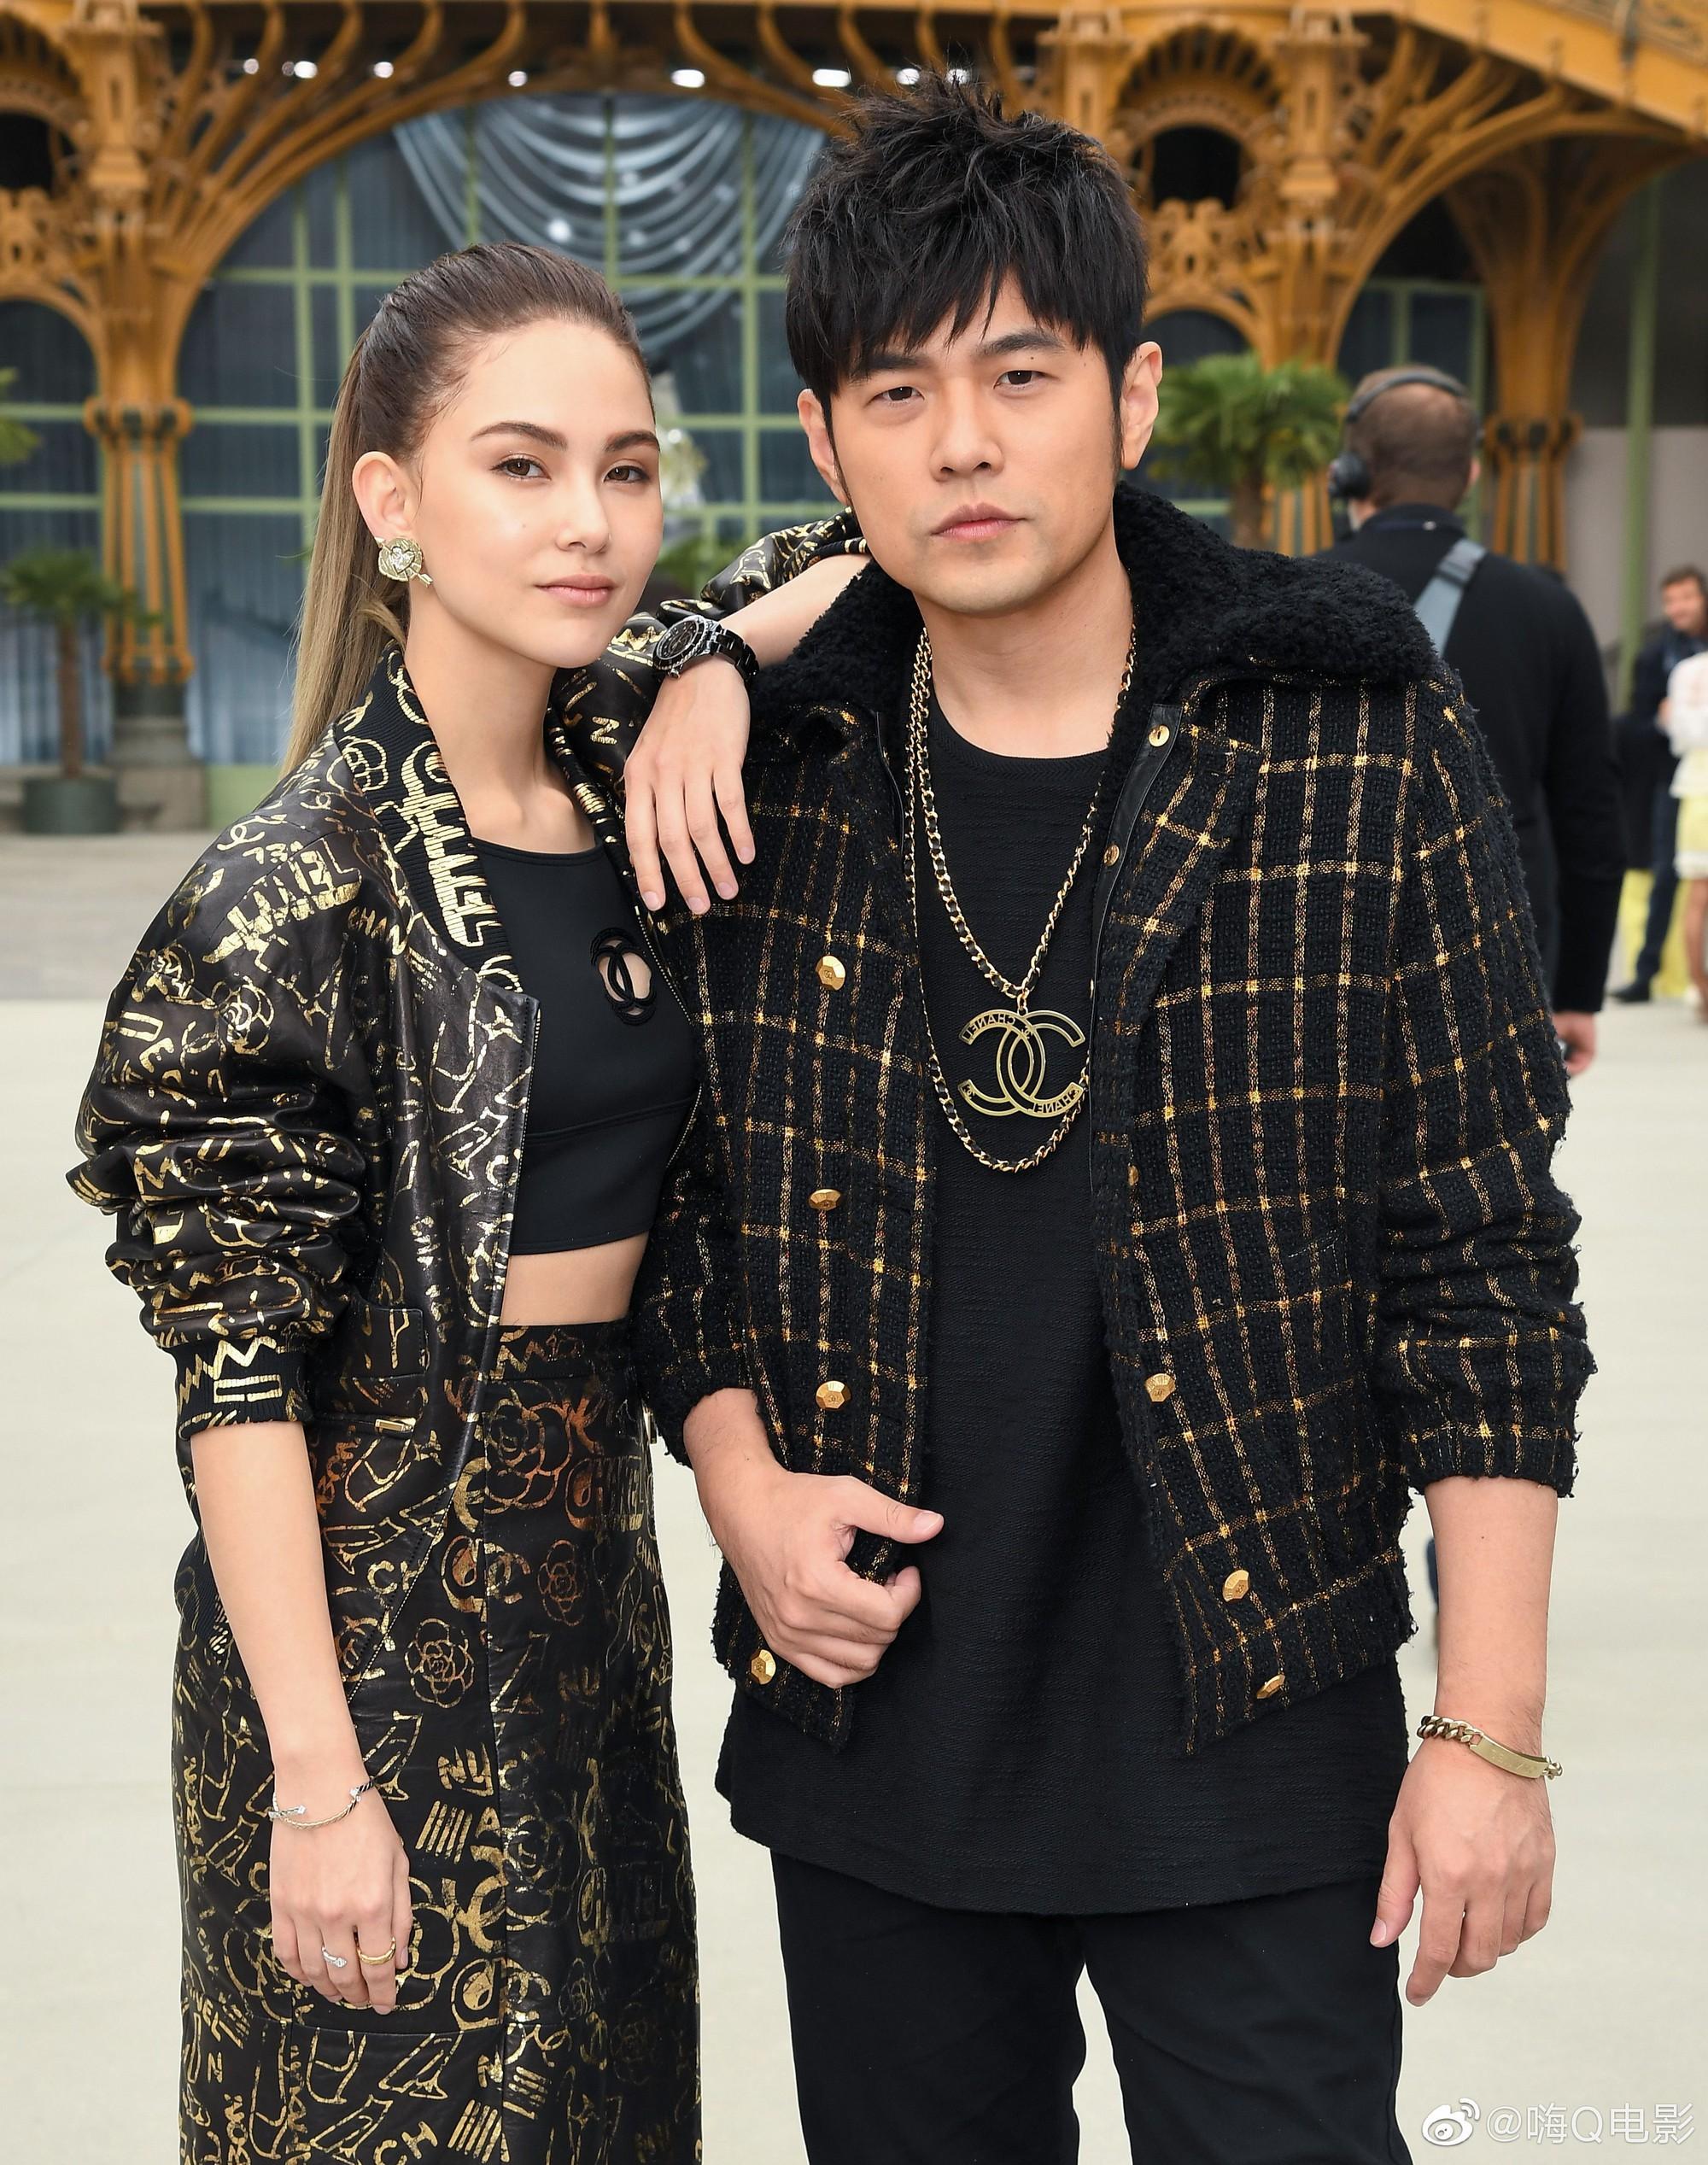 Đến hẹn lại lên, vợ chồng Châu Kiệt Luân - Côn Lăng chặt chém dàn khách mời VIP nhất Paris - Ảnh 7.